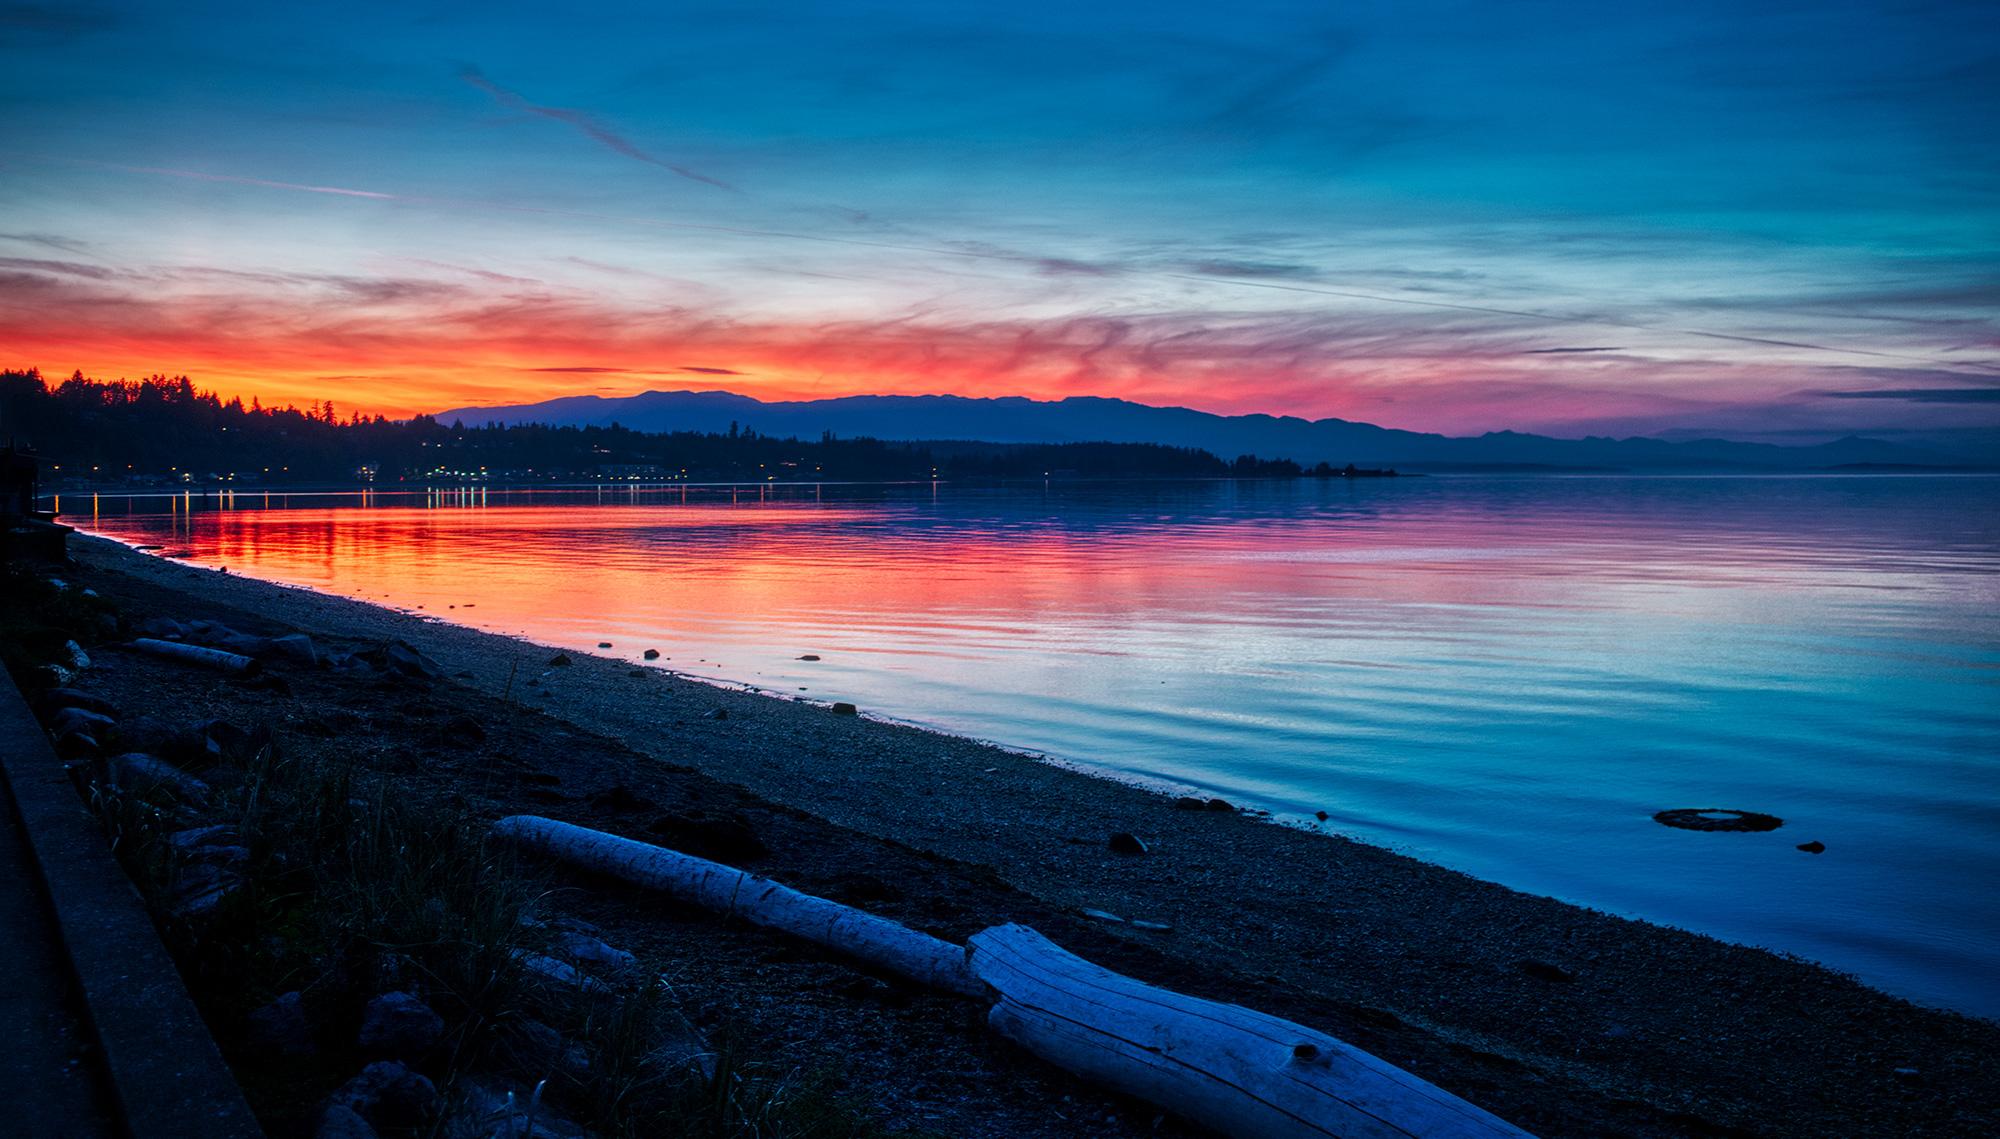 Parksville, British Columbia, Canada